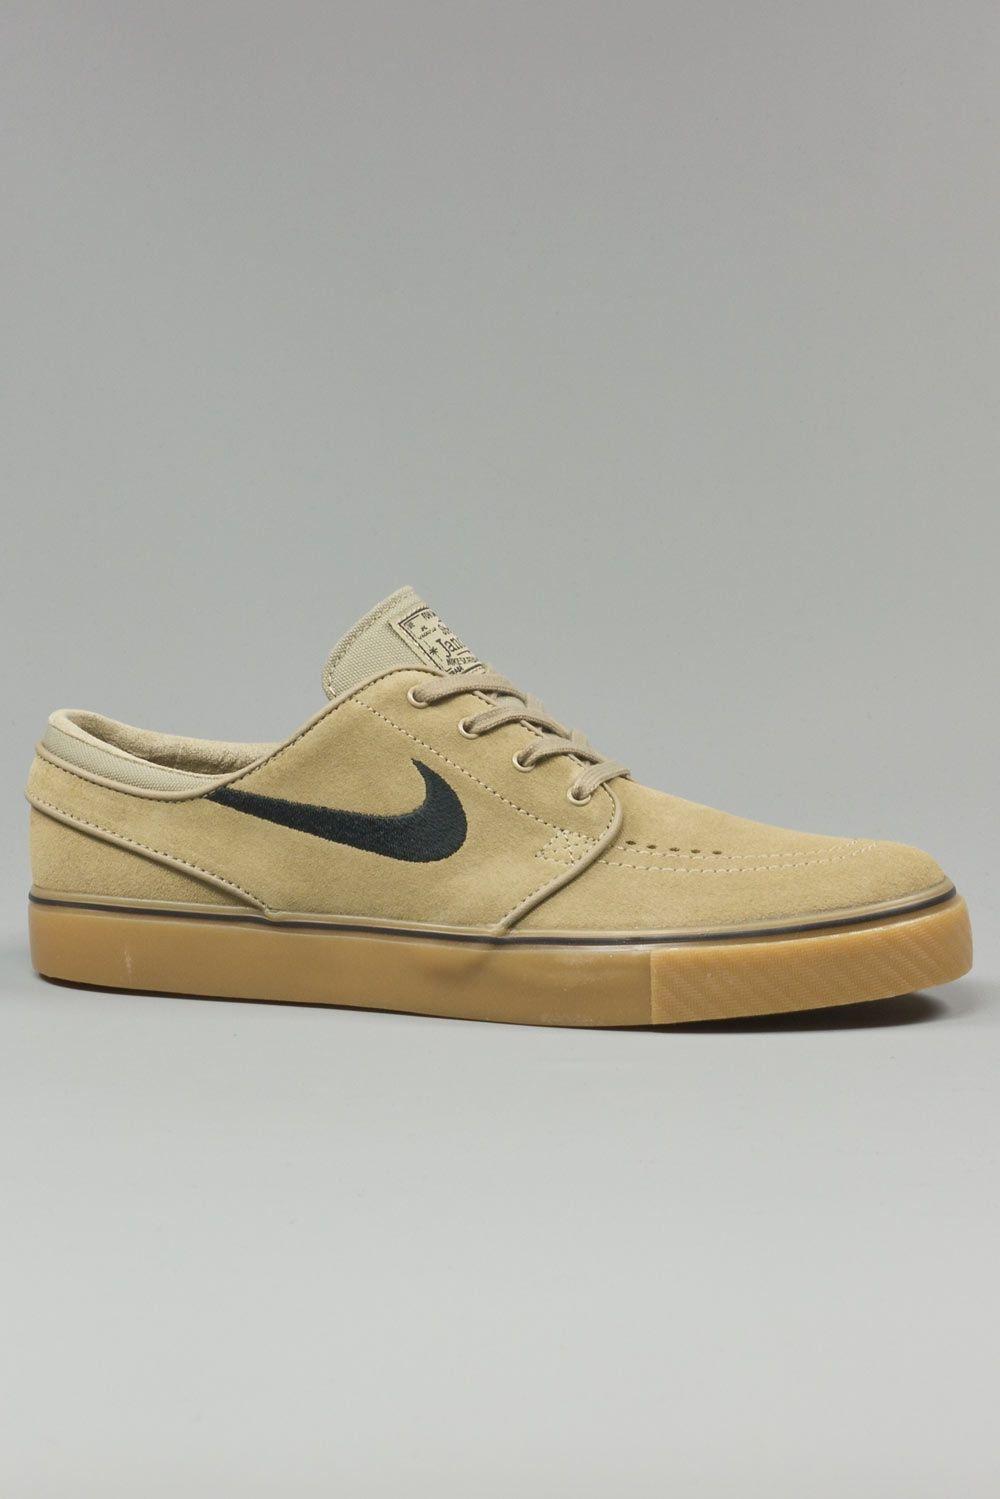 Nike SB Zoom Stefan Janoski Cork Elite Ale Brown Skate Shoes | Stefan  janoski, Cork and Brown leather